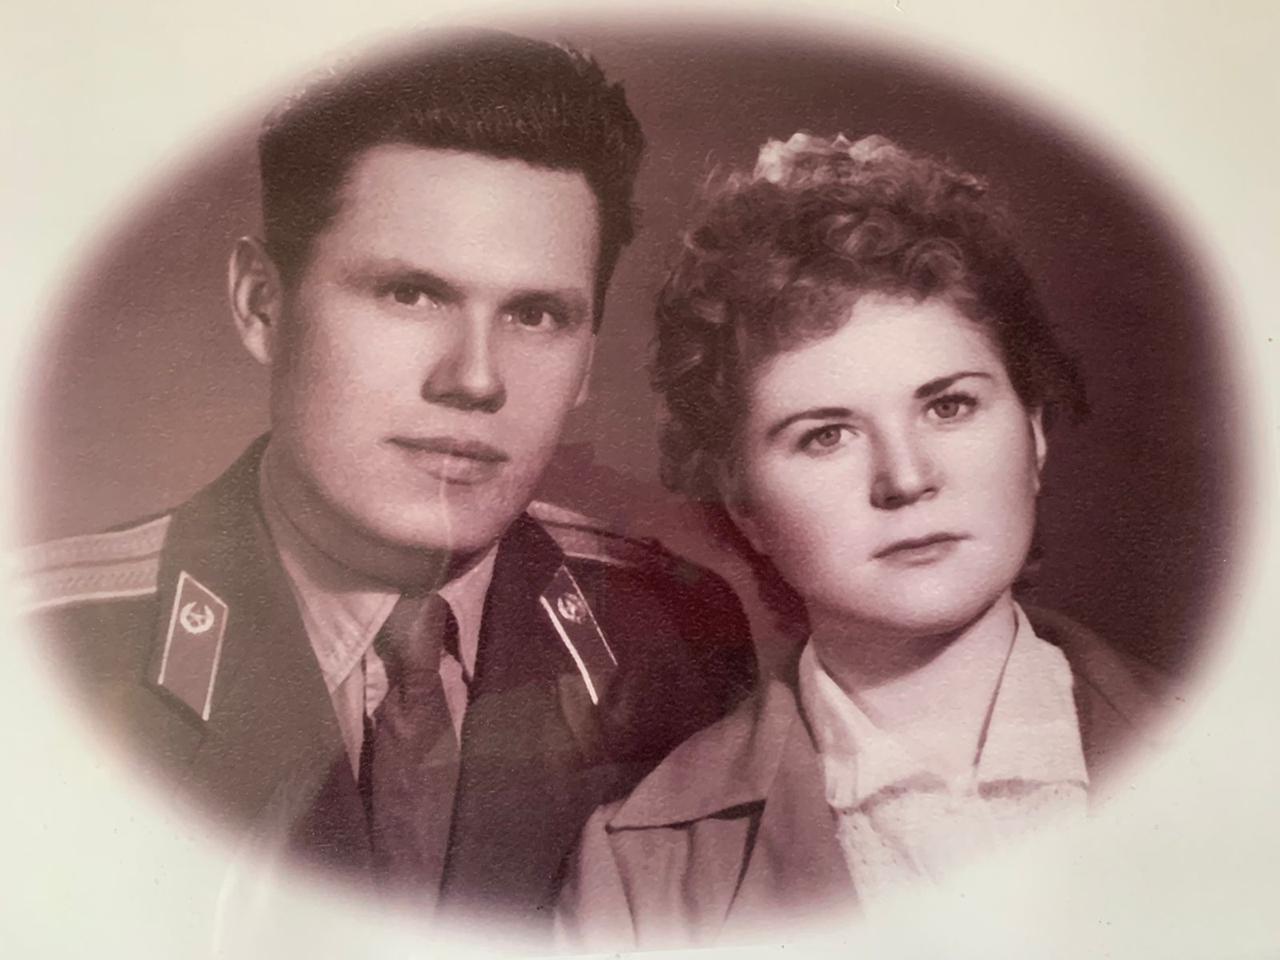 Супружеская пара из Новороссийска сыграла бриллиантовую свадьбу